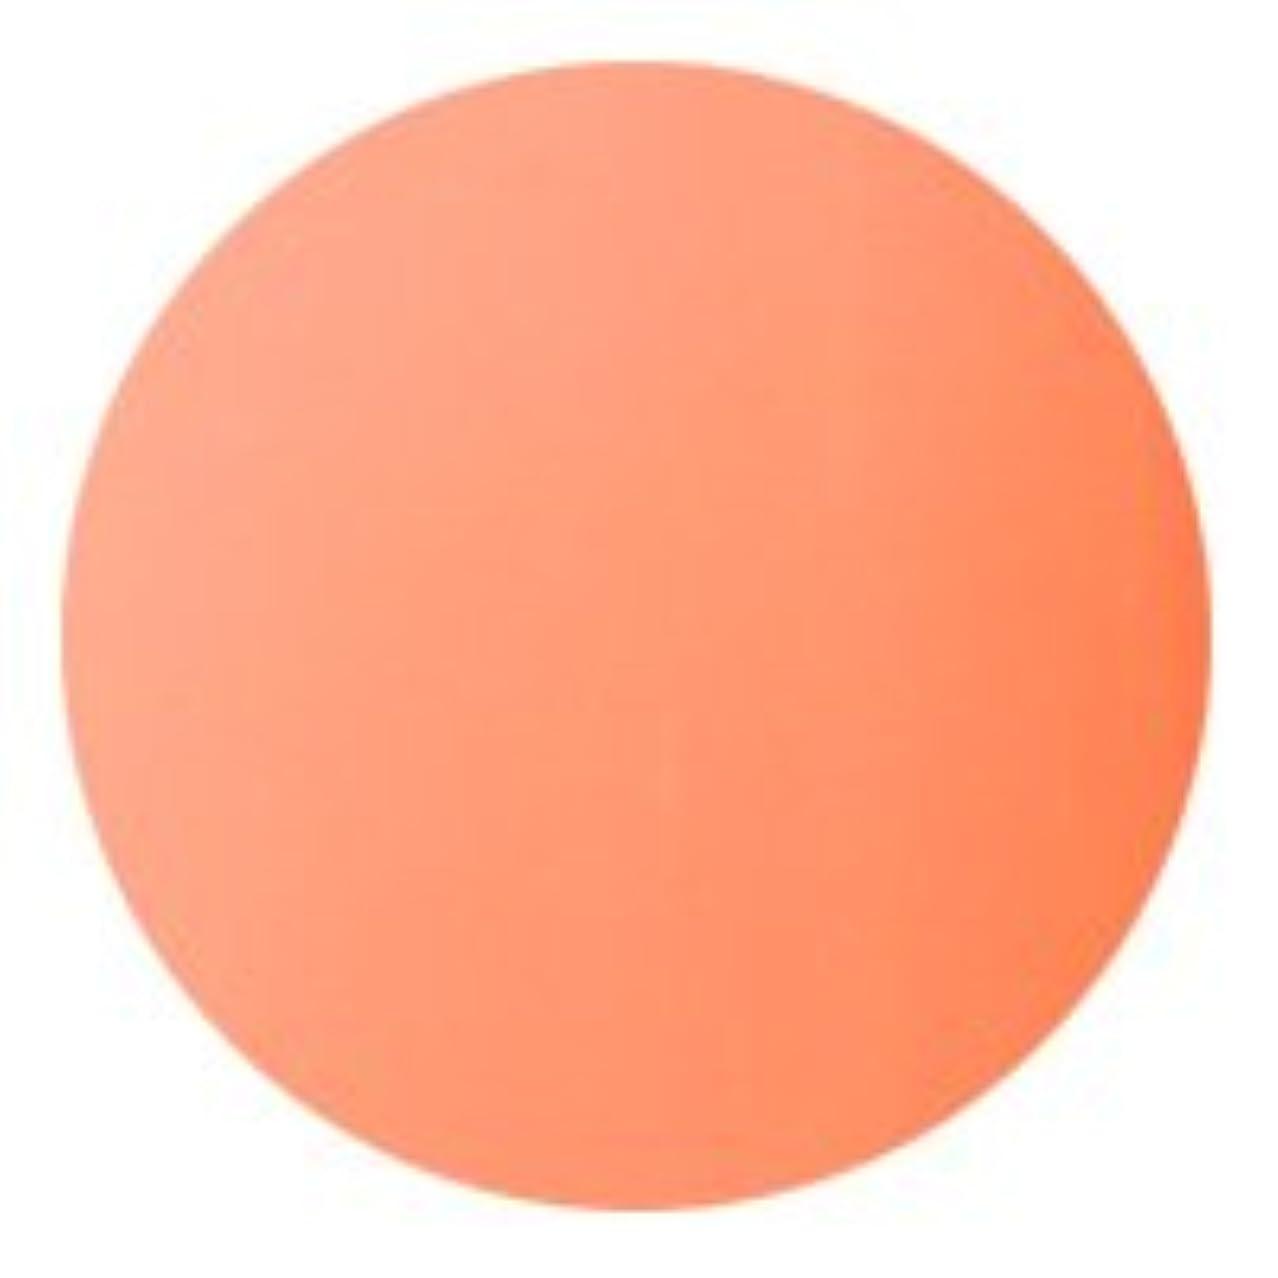 変換密輸★AKZENTZ(アクセンツ) UV/LED オプションズ 4g<BR>080 サーモンピンク